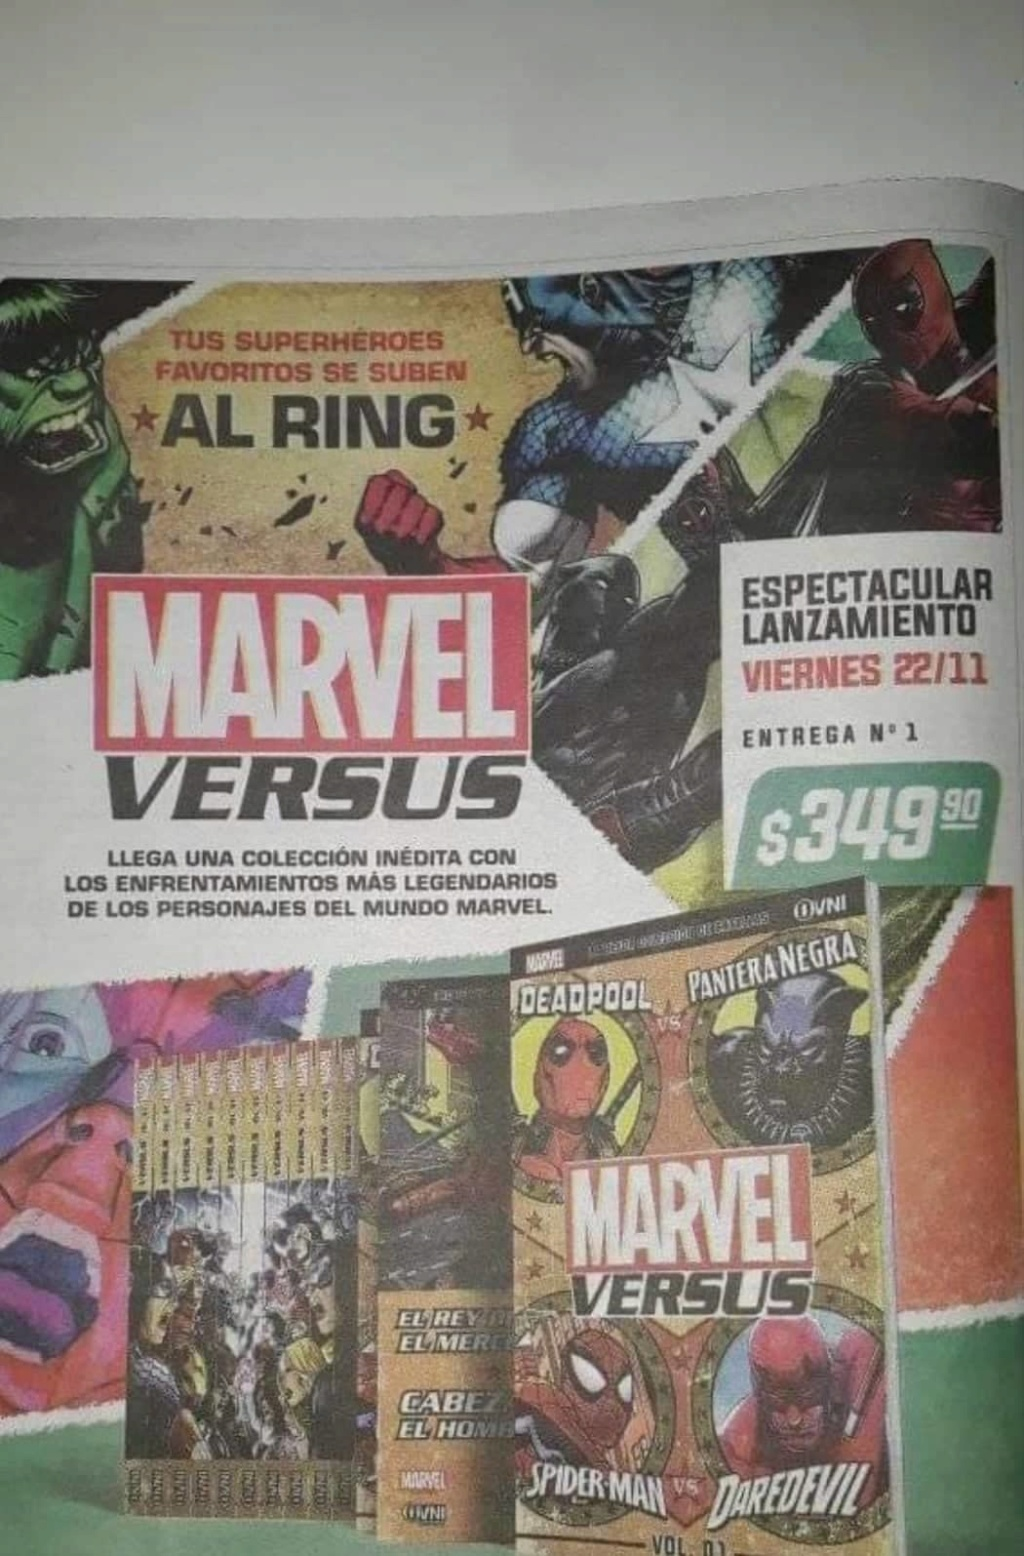 [Clarín - Ovni-Press] Colección Marvel Versus  Diario10